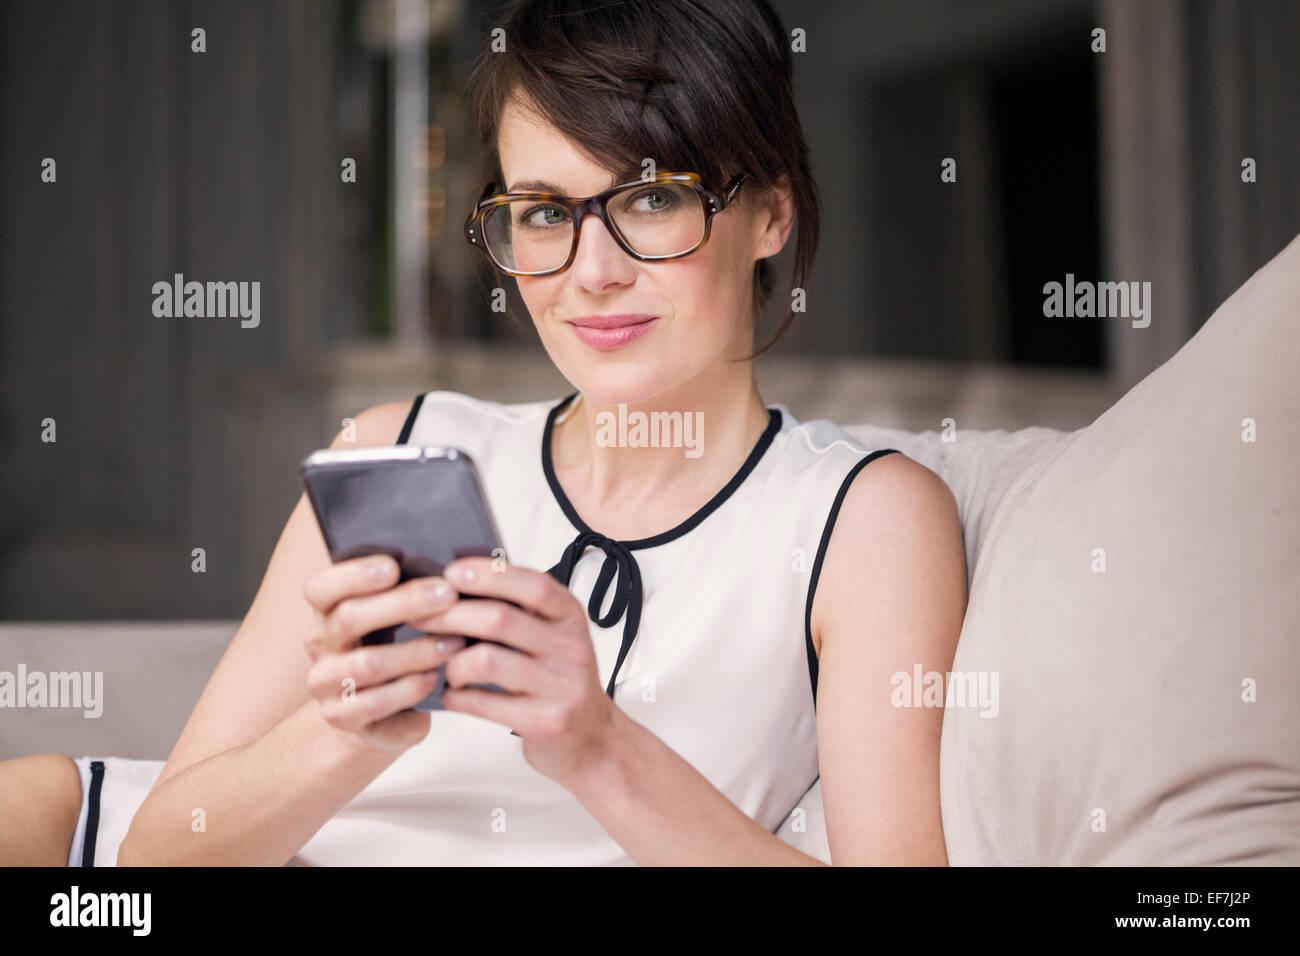 Mujer utilizando un smartphone Imagen De Stock